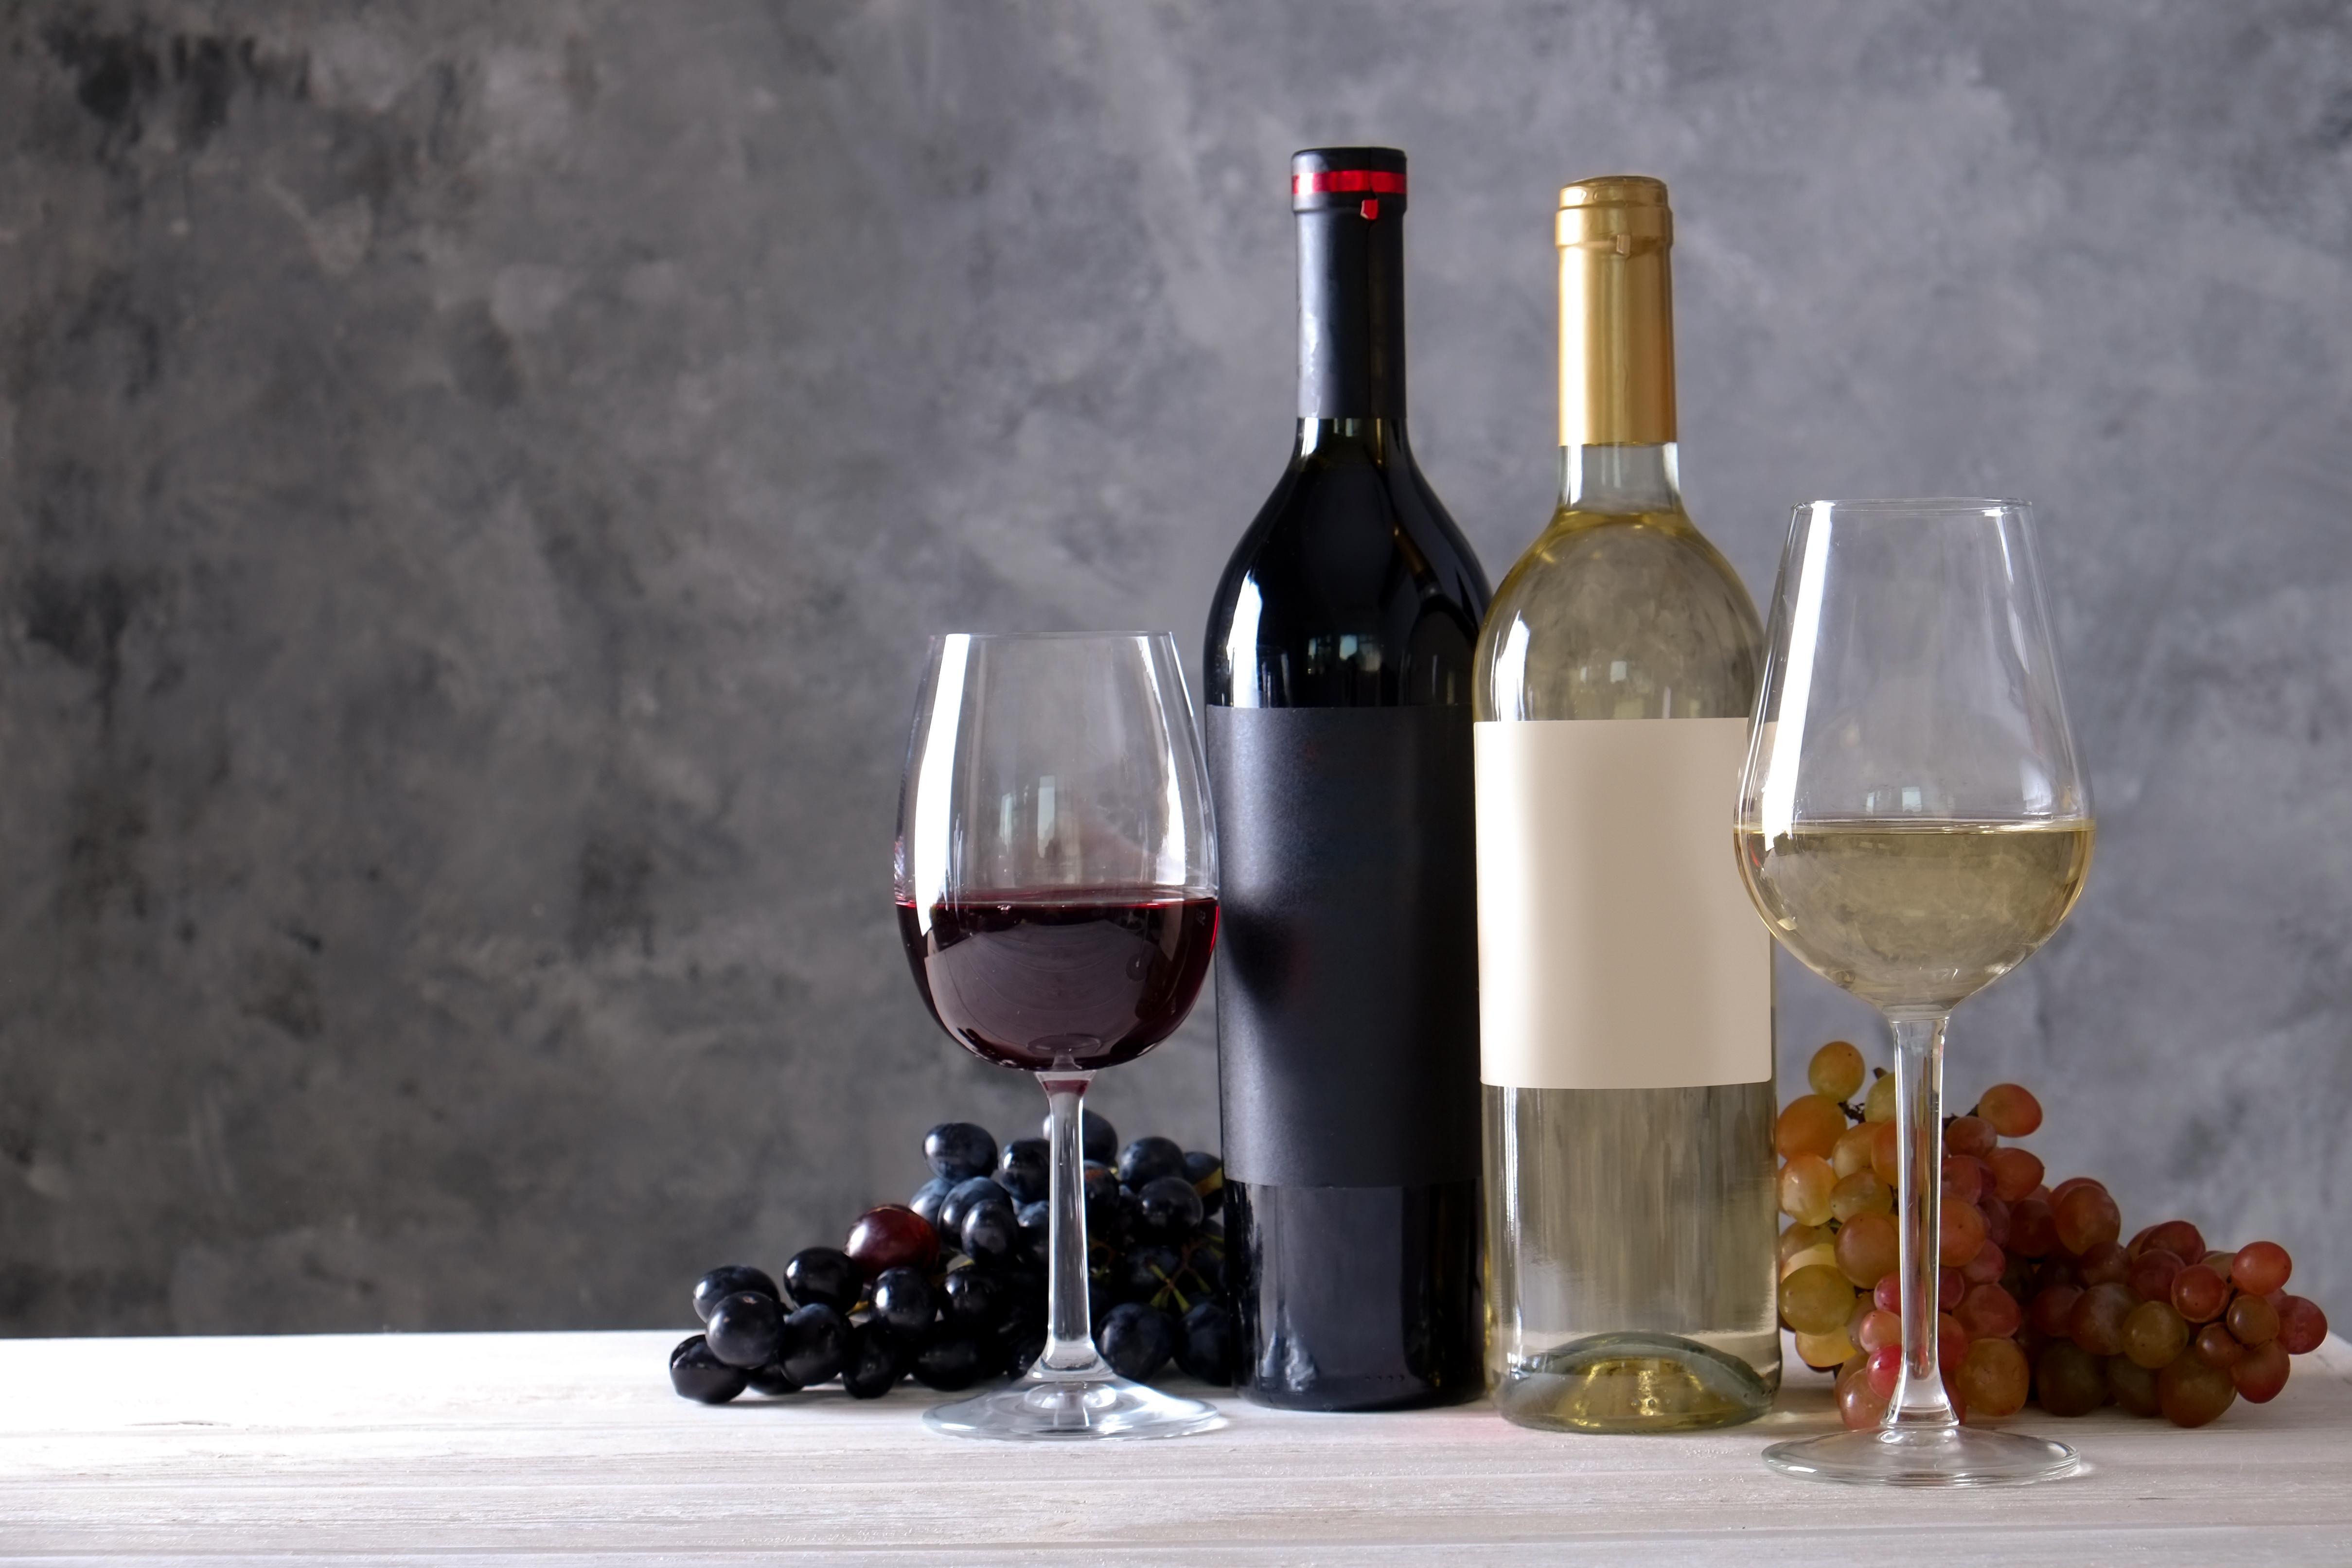 テーブルの上に置かれた赤ワインと白ワインのボトルとグラス、2種のブドウ